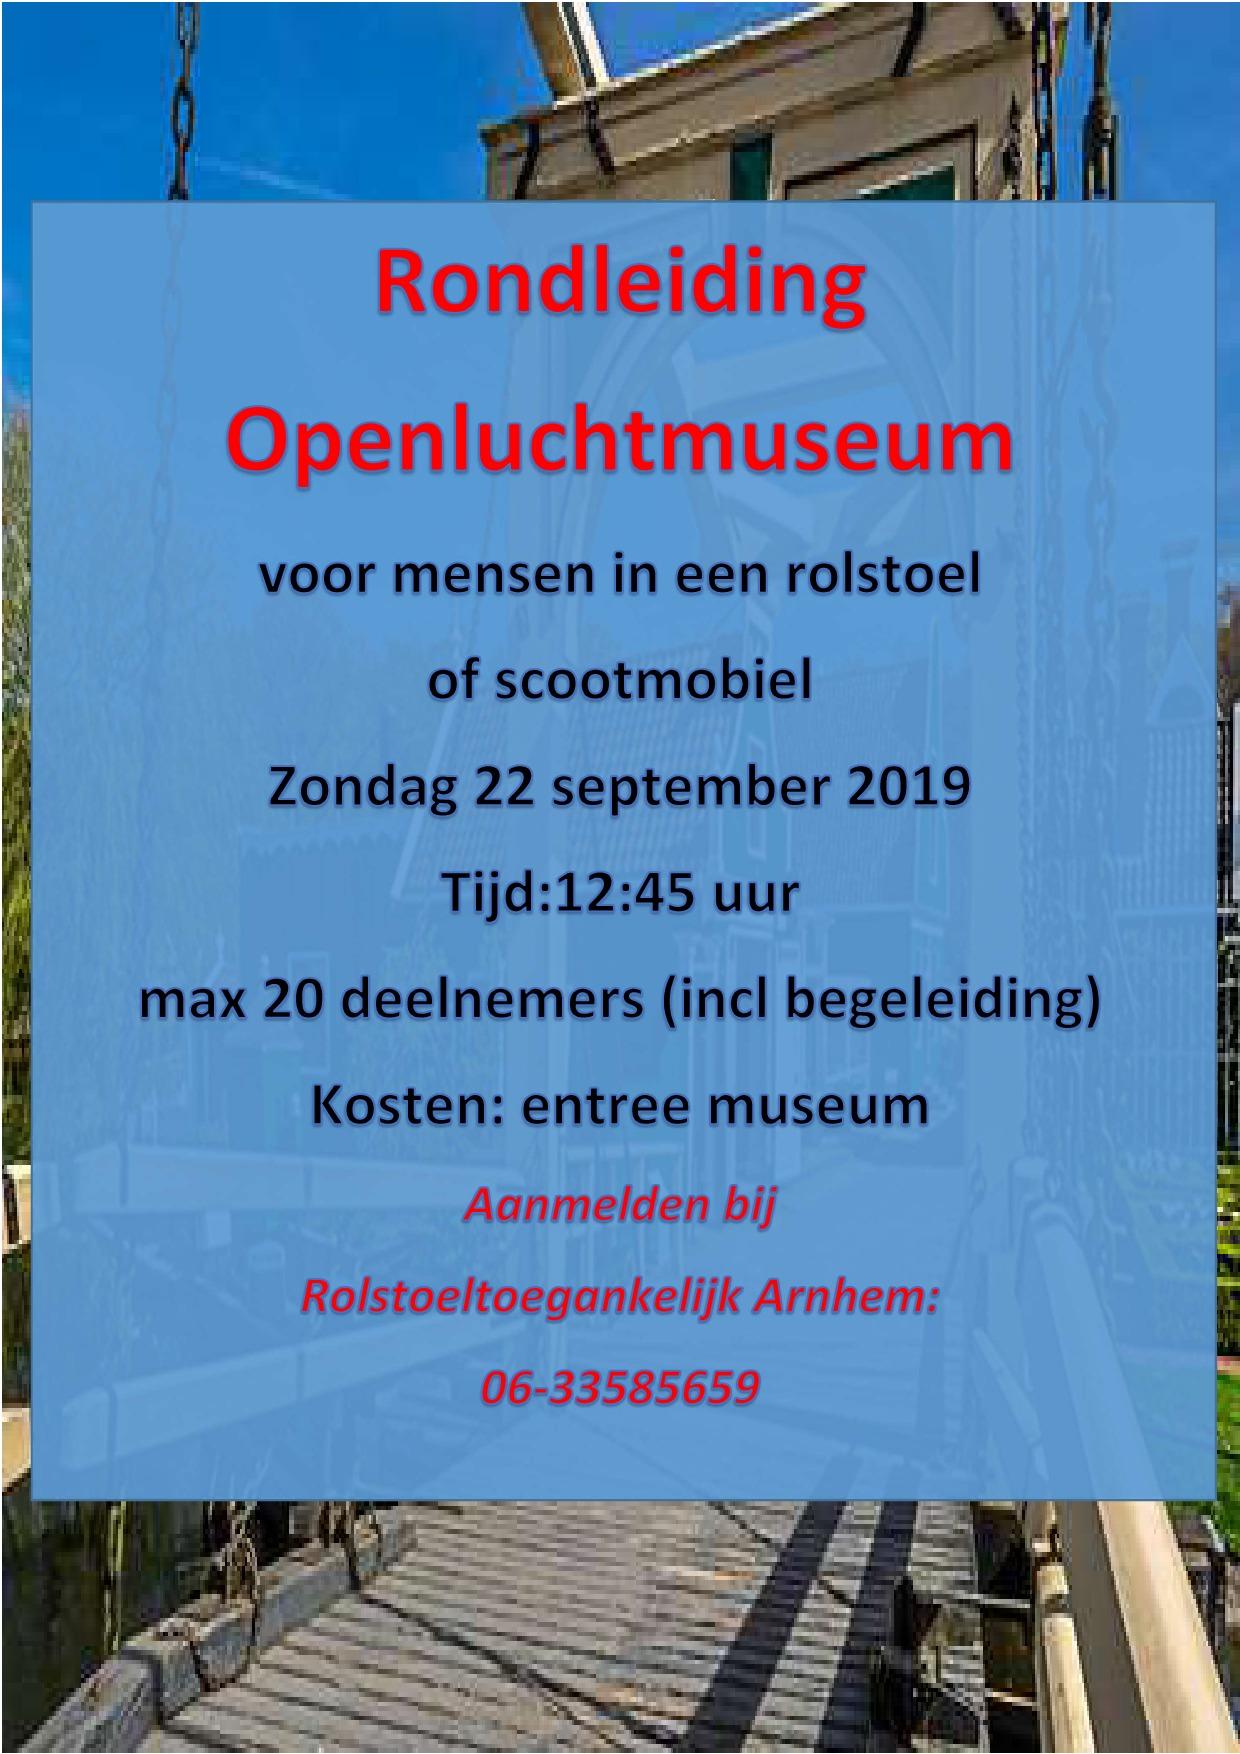 Rondleiding Openlucht museum voor menmsen in een rolstoel of scootmobiel